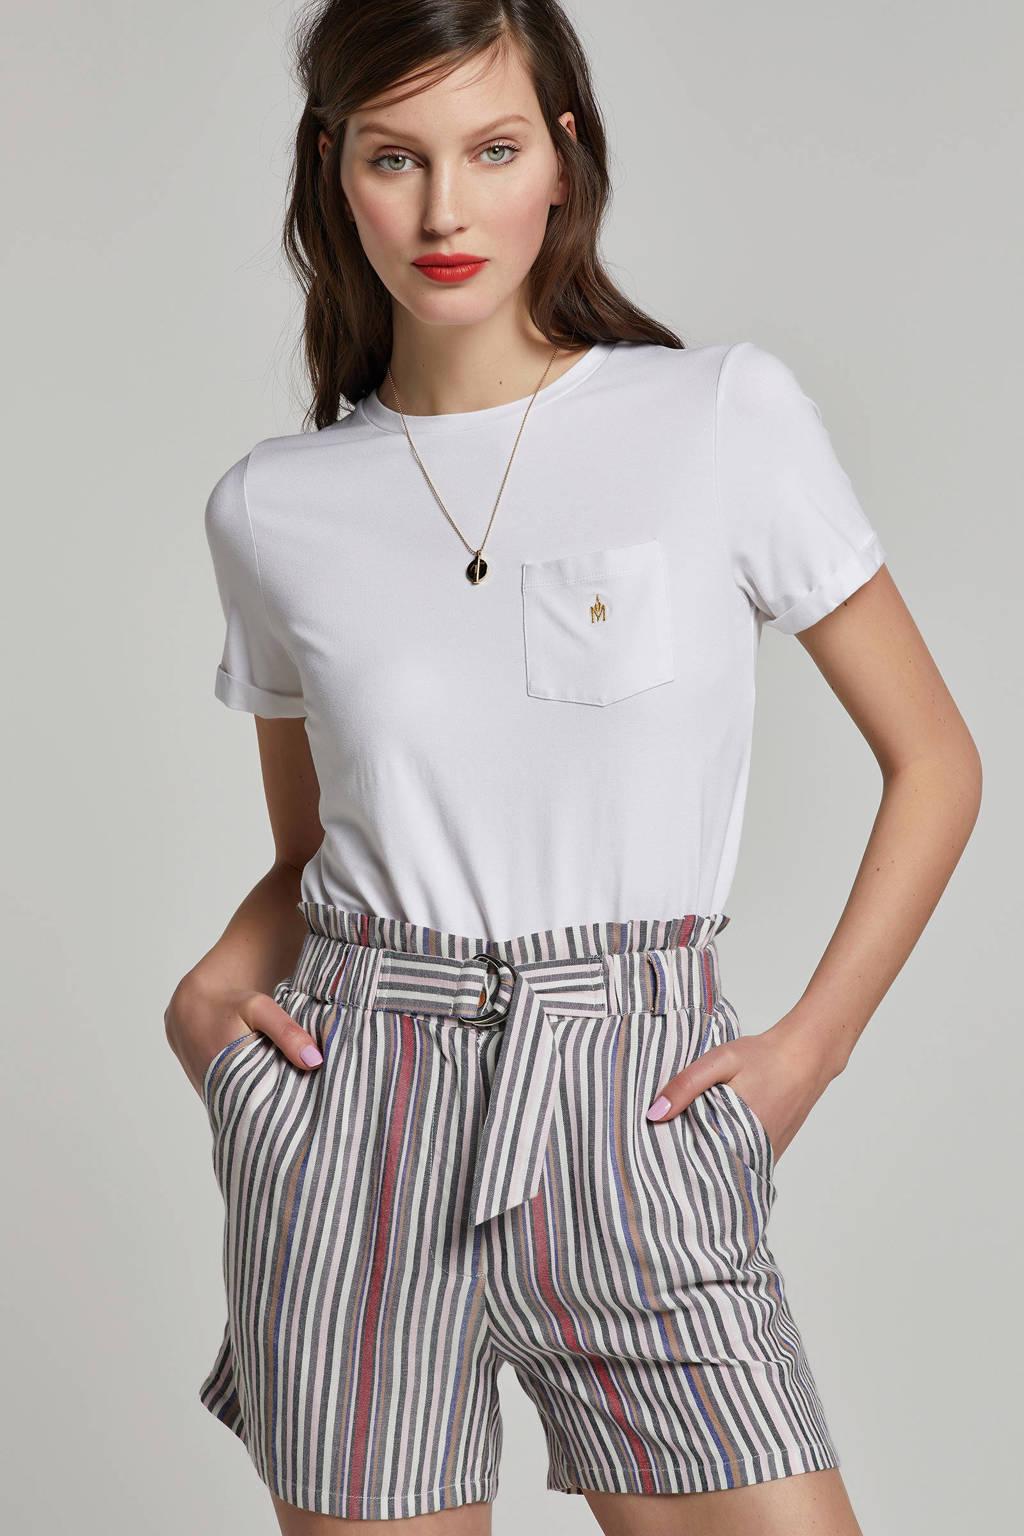 MARIA TAILOR T-shirt met borstzak, Wit